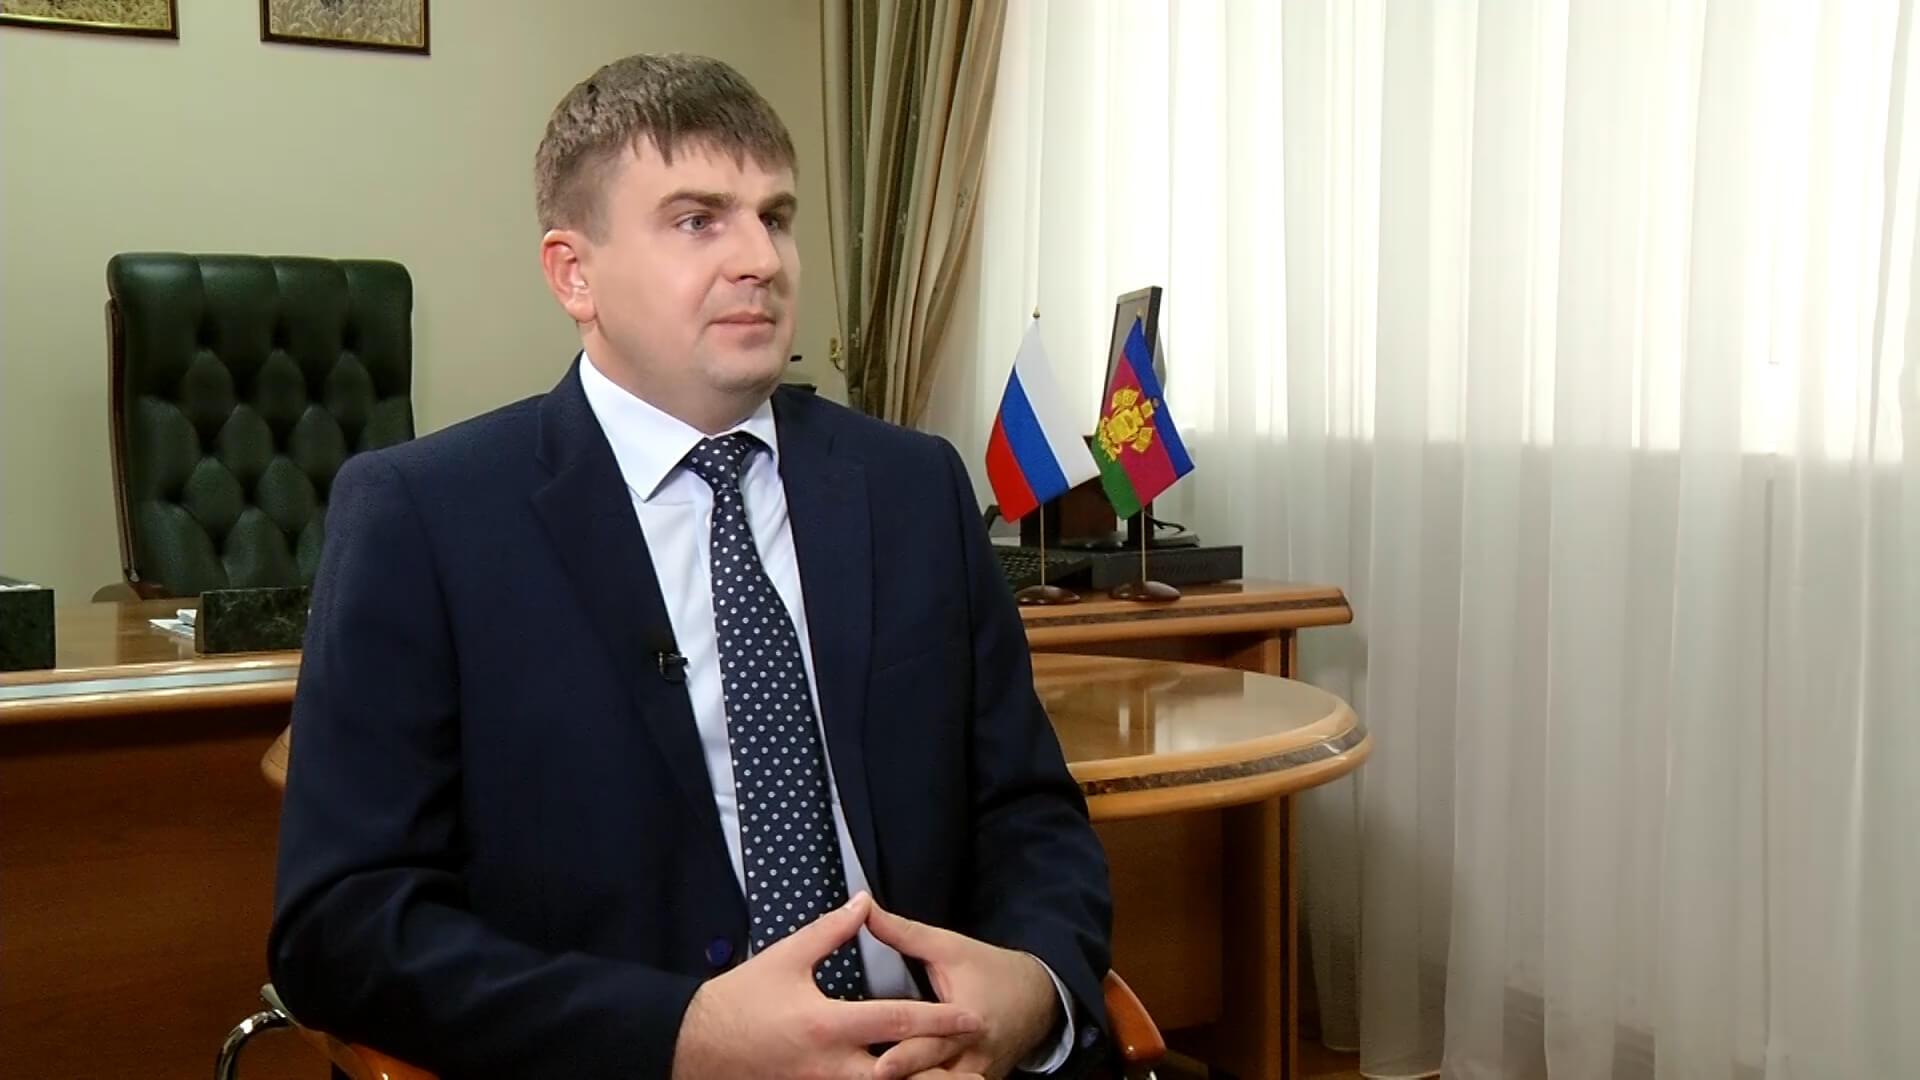 Интервью с руководителем департамента ветеринарии Кубани Романом Кривоносом